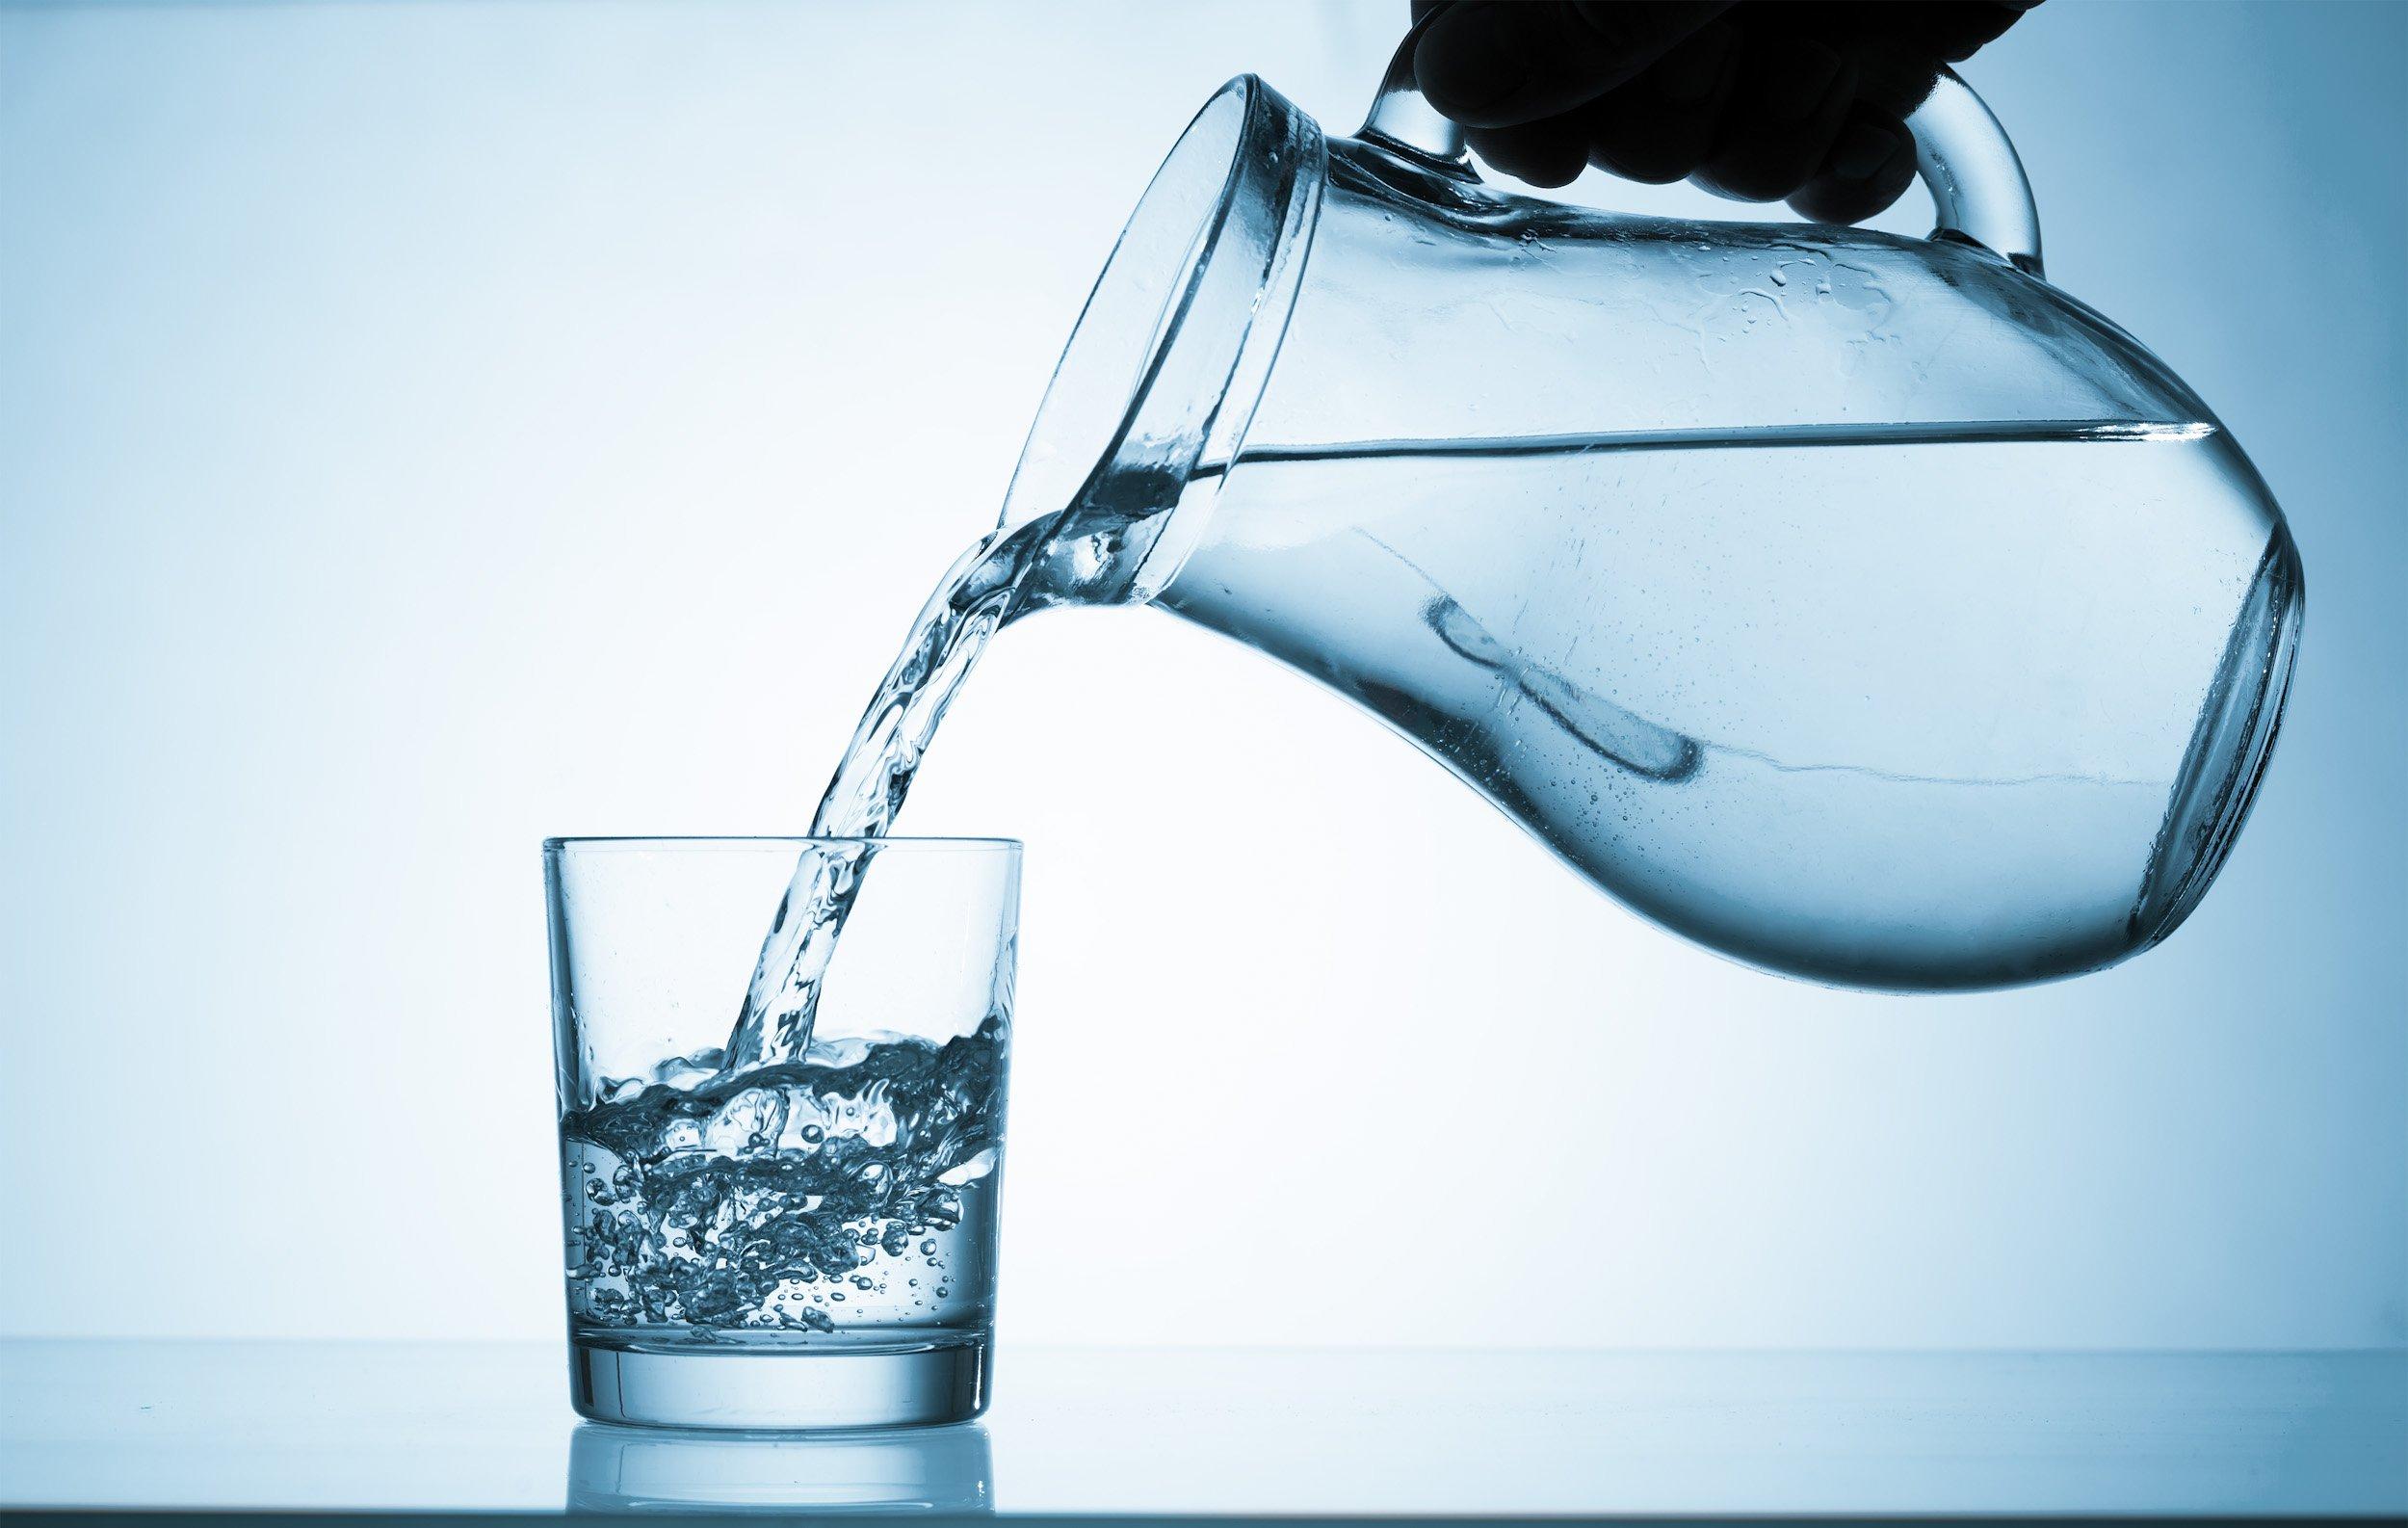 گلایه مردم شیروان از وضعیت نامناسب آب و پاسخگو نبودن شرکت آب و فاضلاب استان,